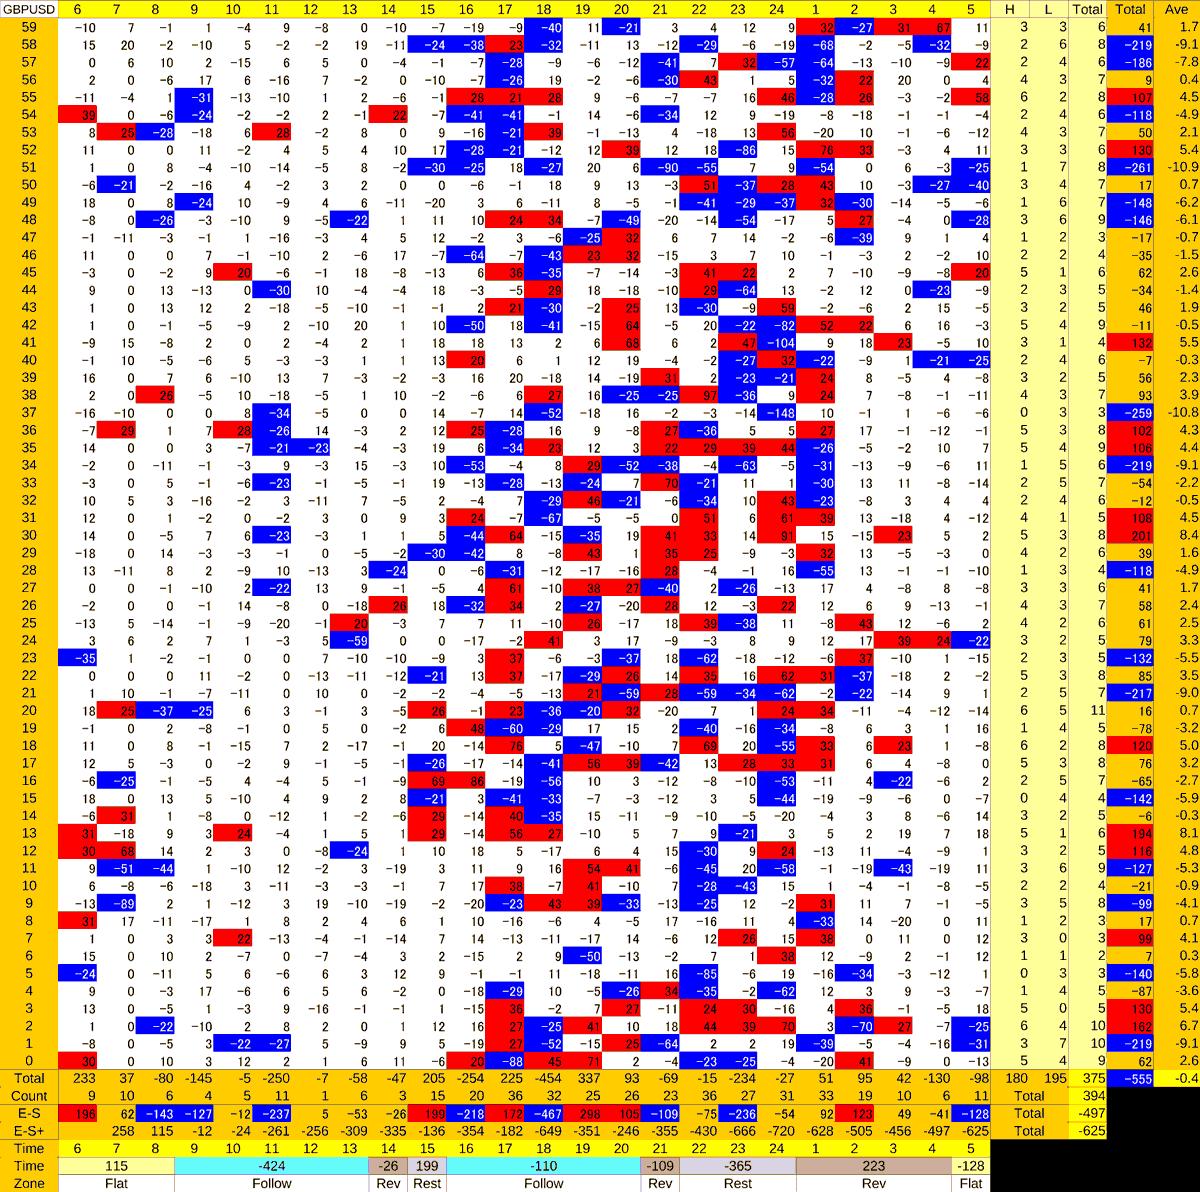 20201218_HS(2)GBPUSD